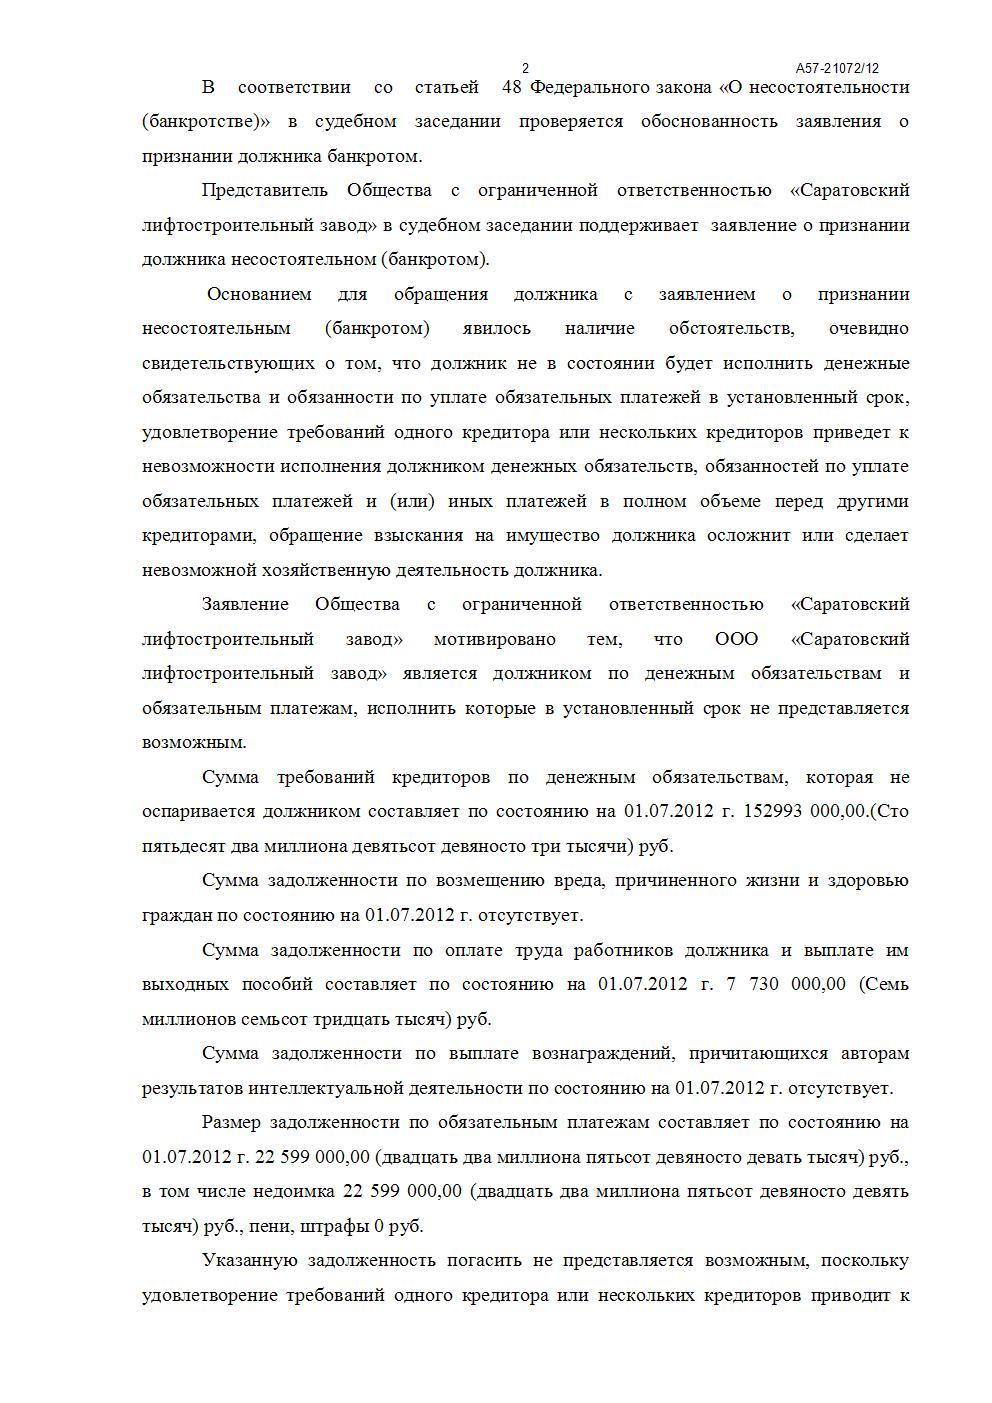 Саратовский лифтостроительный завод подал заявление о банкротстве. Введена процедура наблюдения